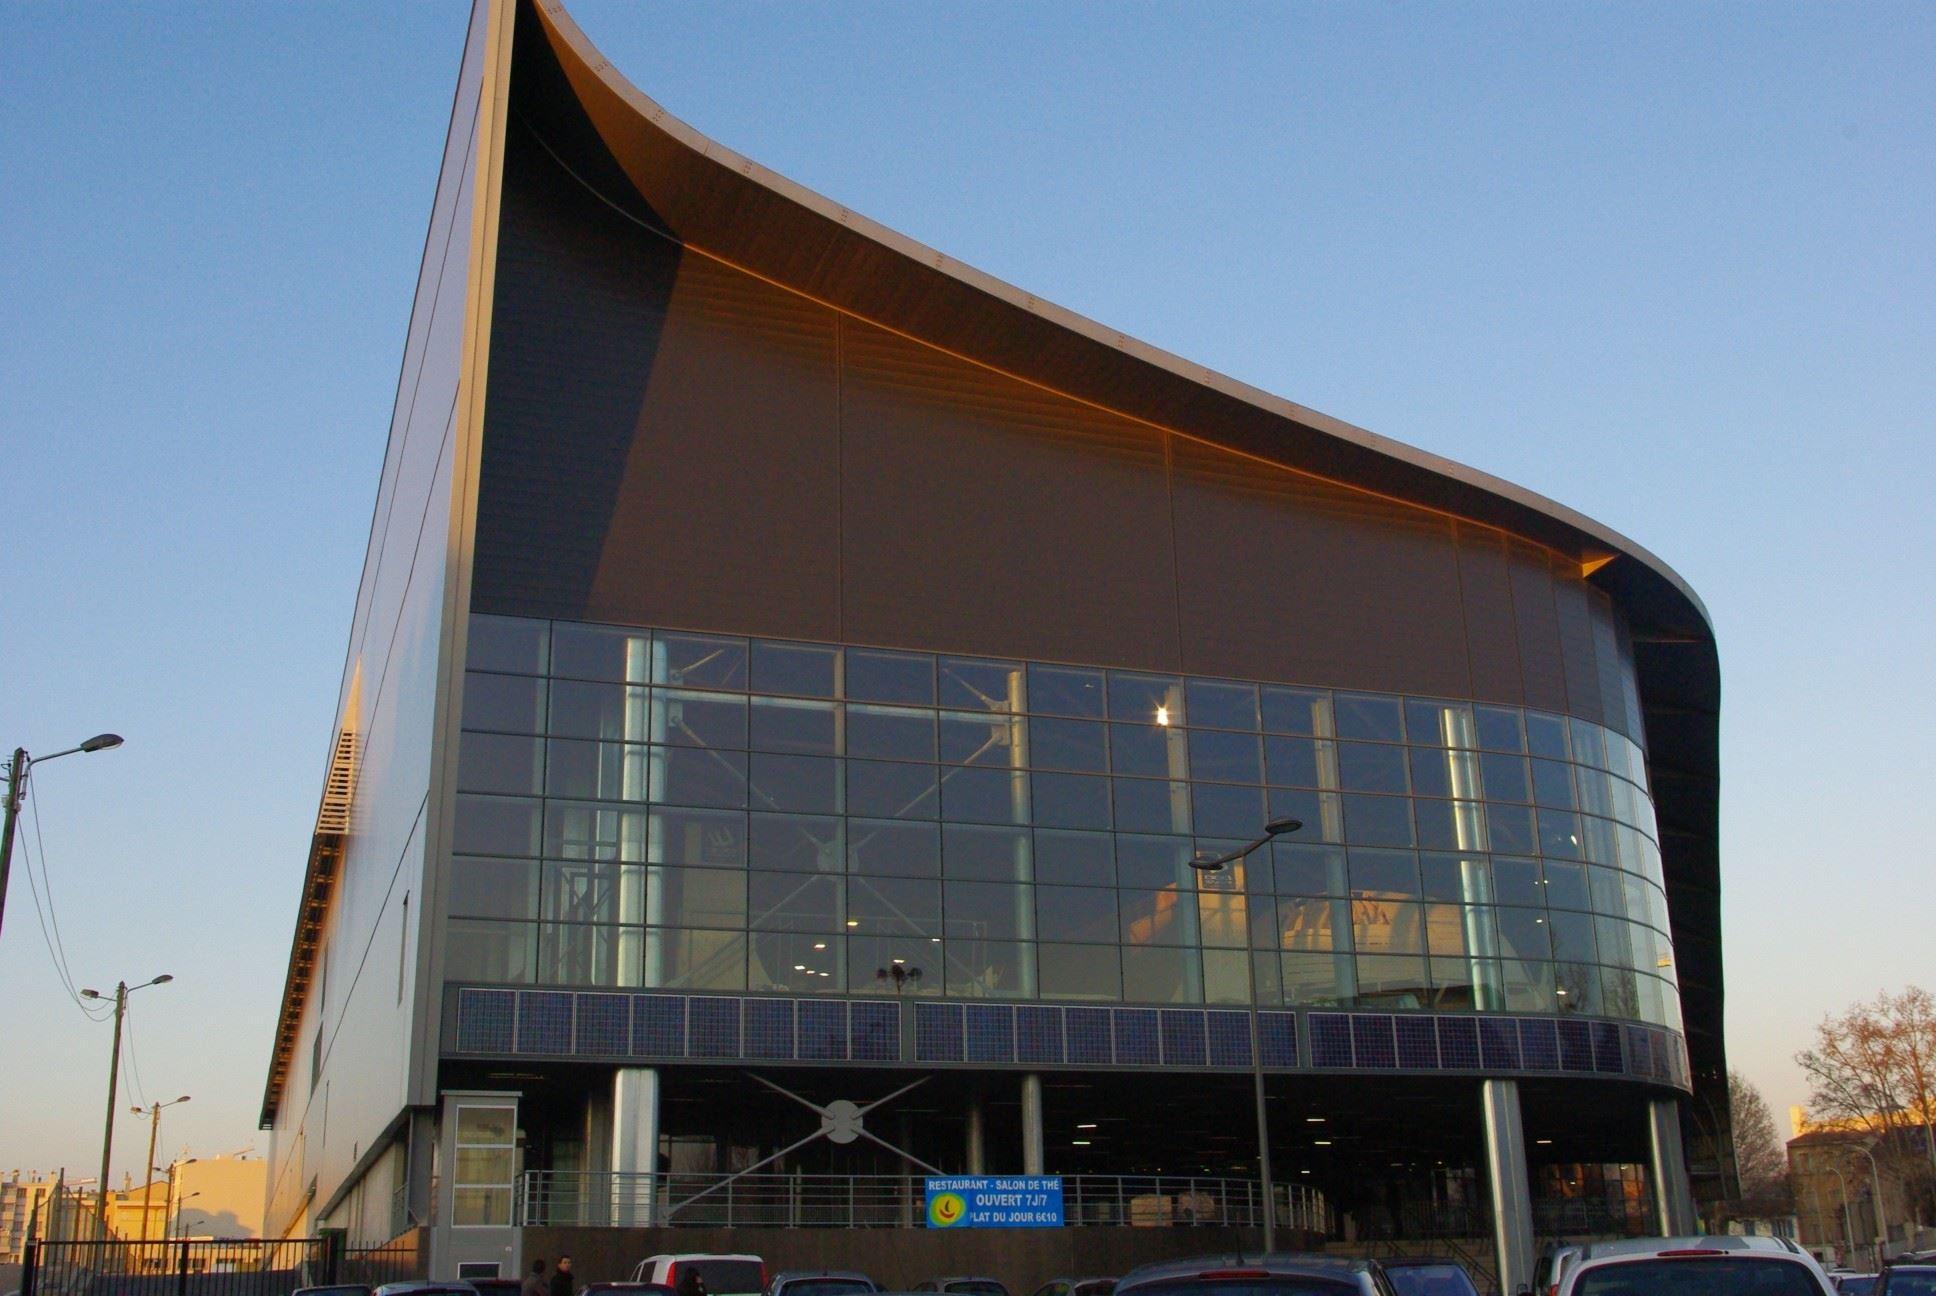 Palais Omnisports Marseille Grand Est- Nouvelle patinoire de Marseille